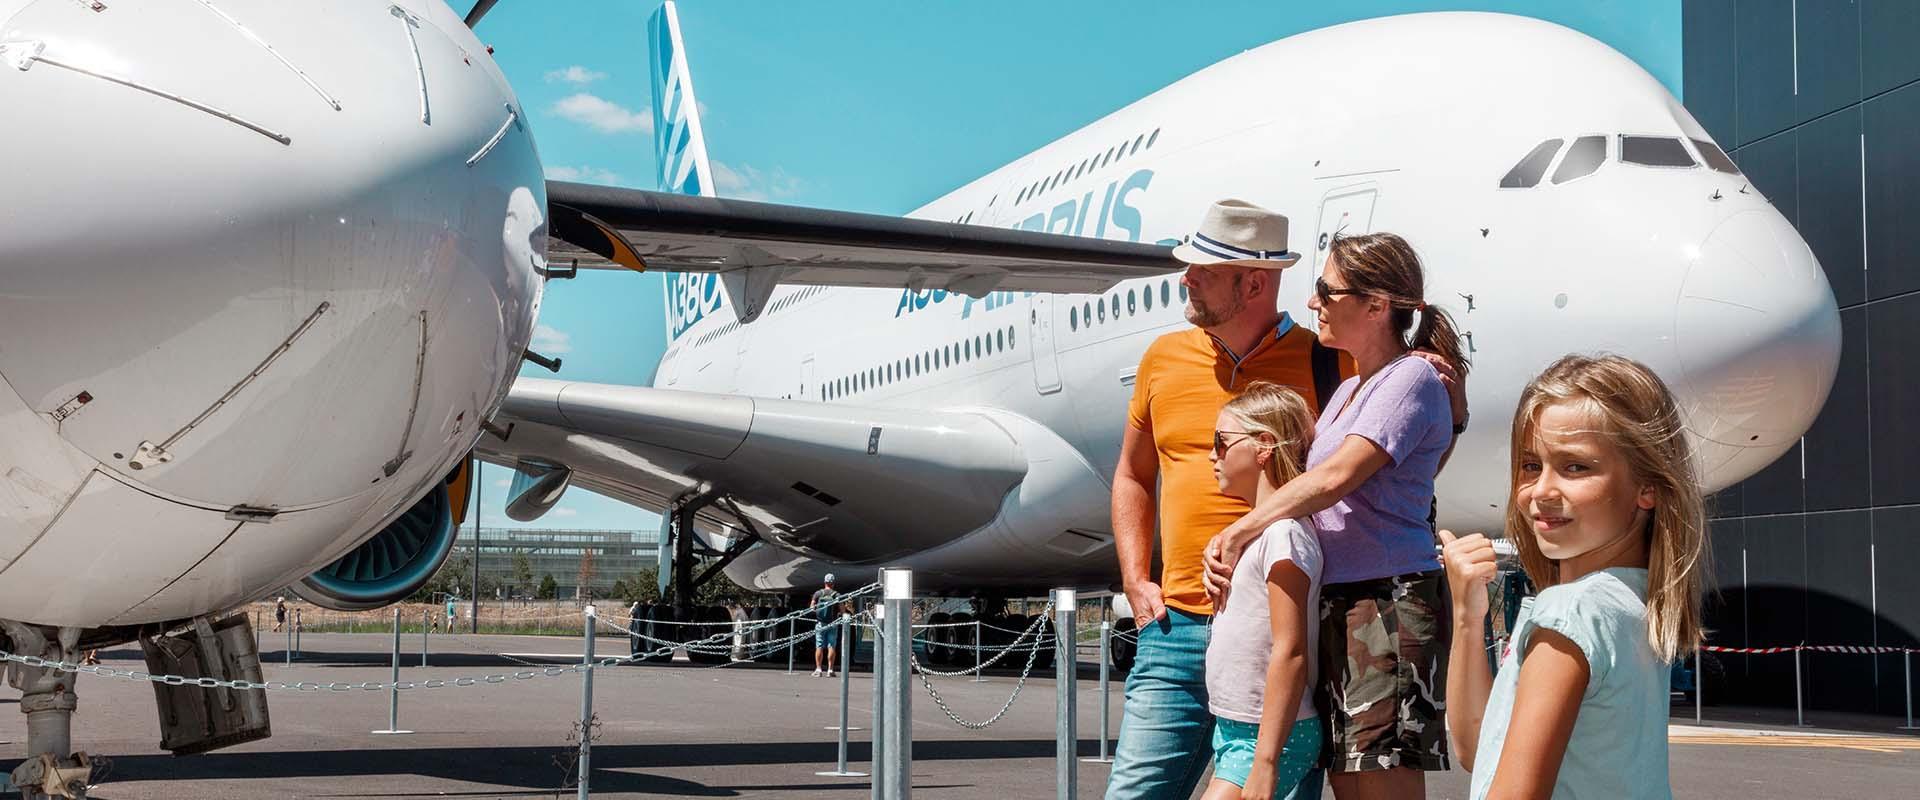 Pour des vacances en famille réussies, direction Toulouse